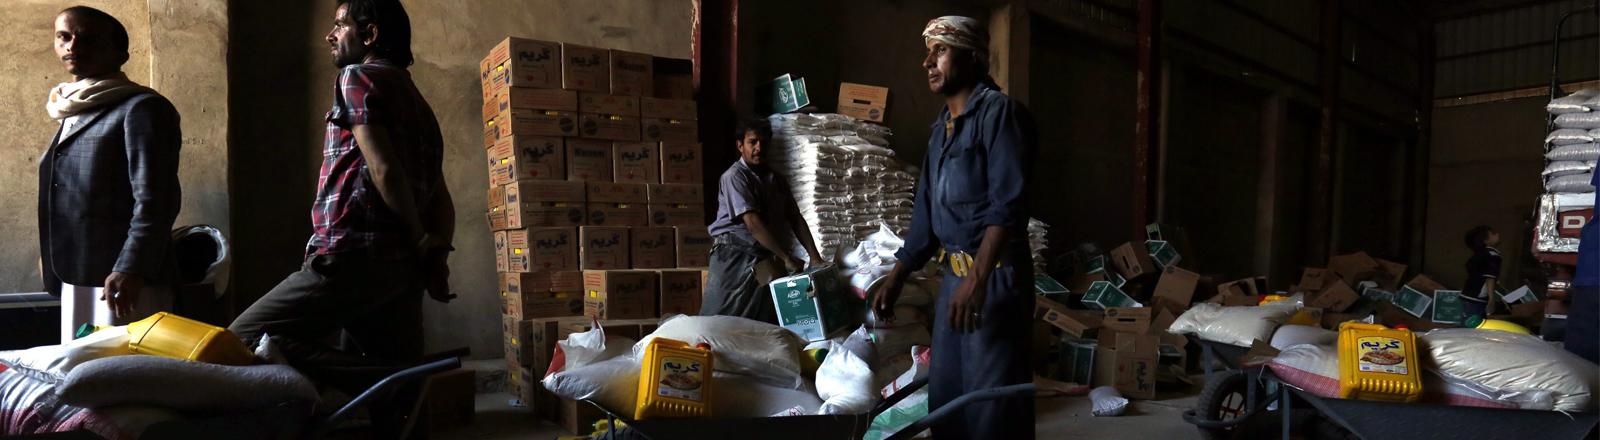 Männer mit Schubkarren fahren Nahrungsmittel aus einer Halle im Jemen